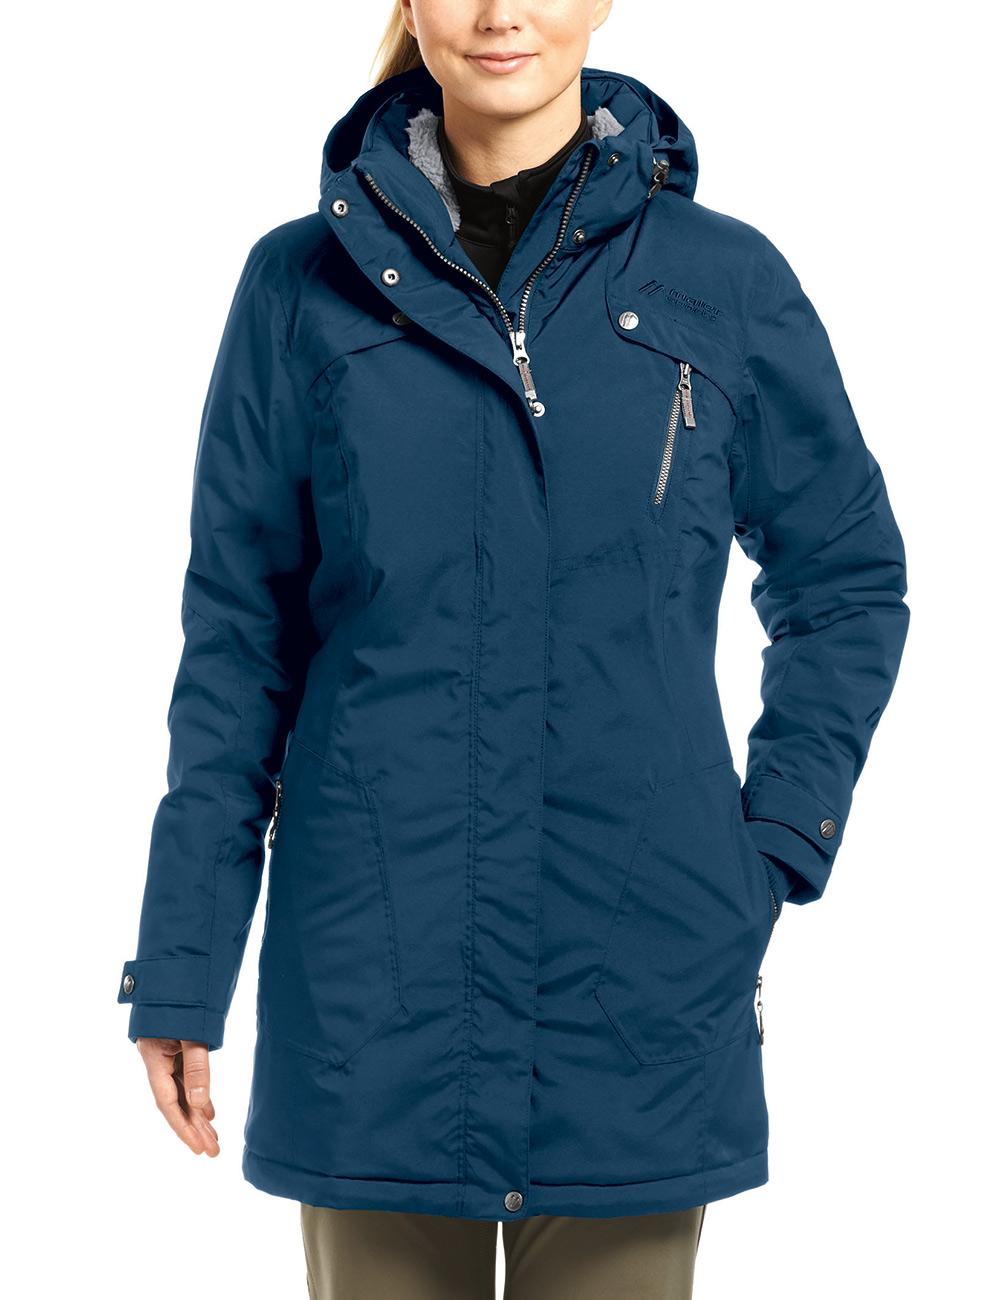 Пальто для активного отдыха MAIER 2016-17 MS comfort Priora aviator